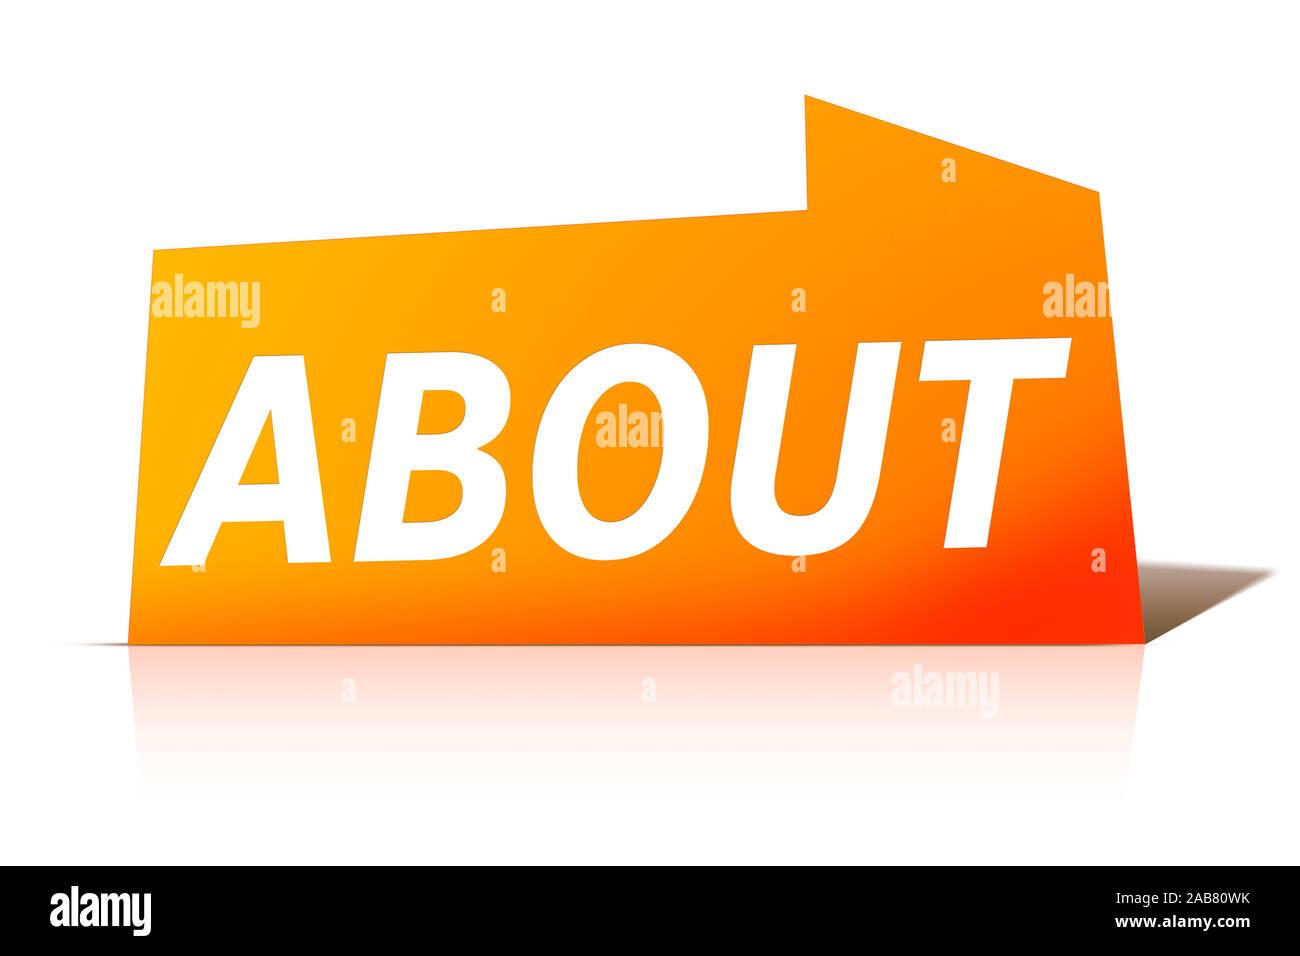 Ein naranjas Etikett vor der Aufschrift mit weissem Hintergrund: 'Acerca de' Foto de stock